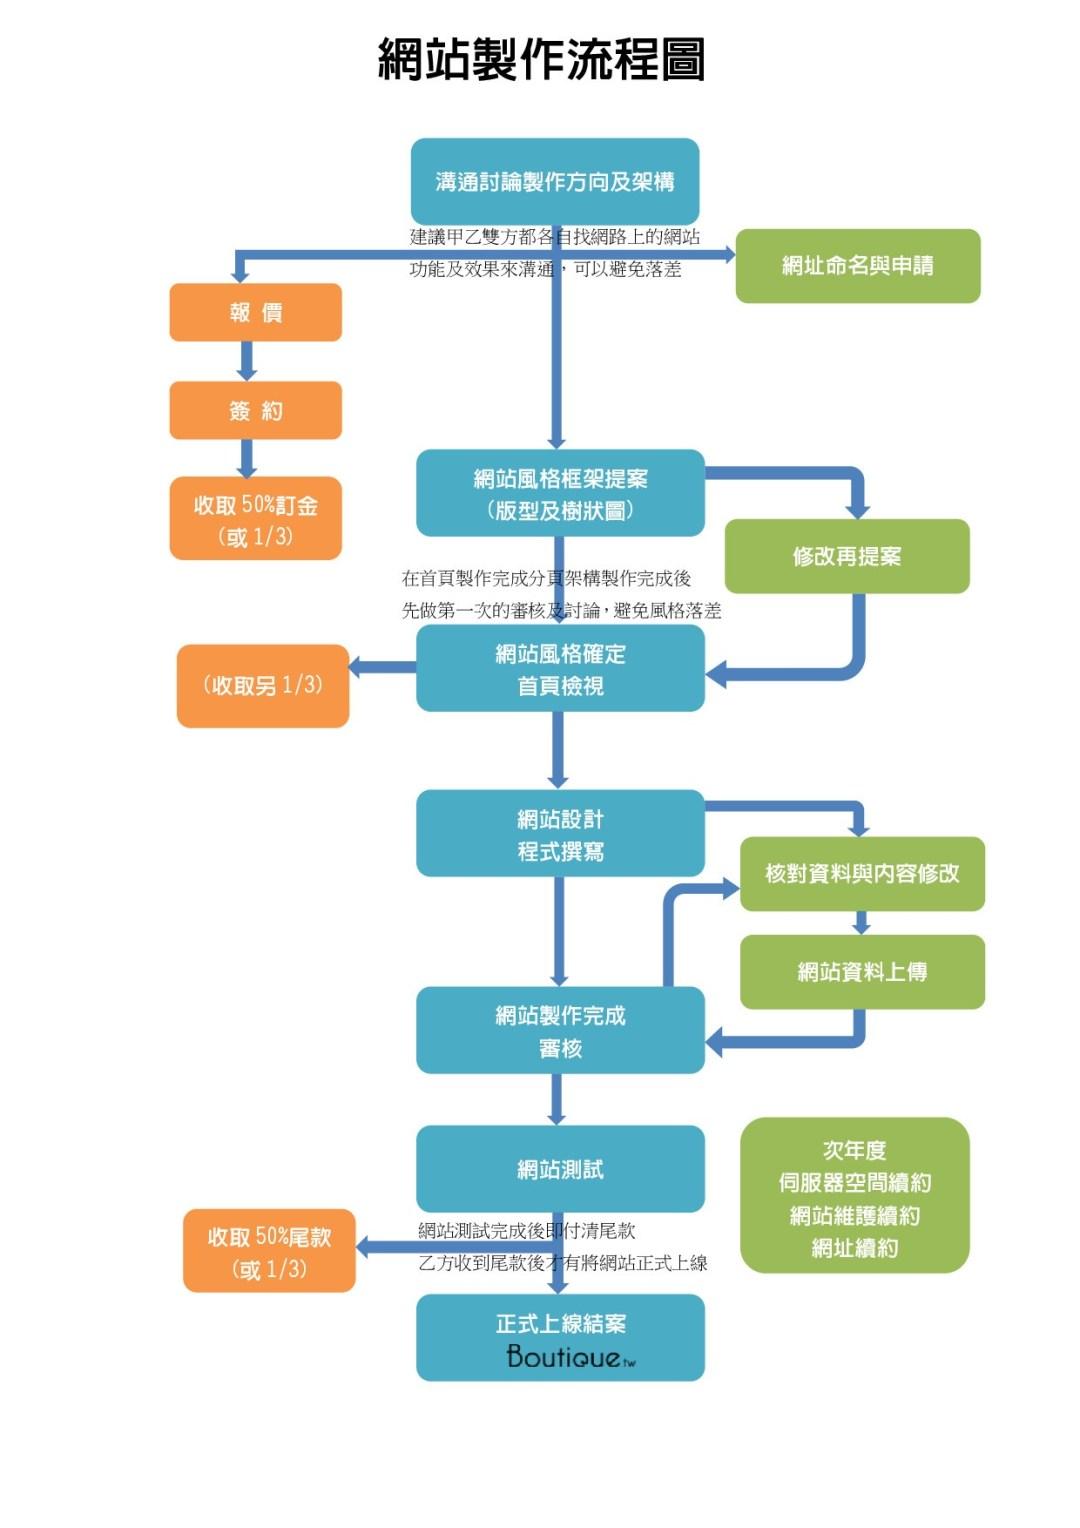 網站製作流程圖